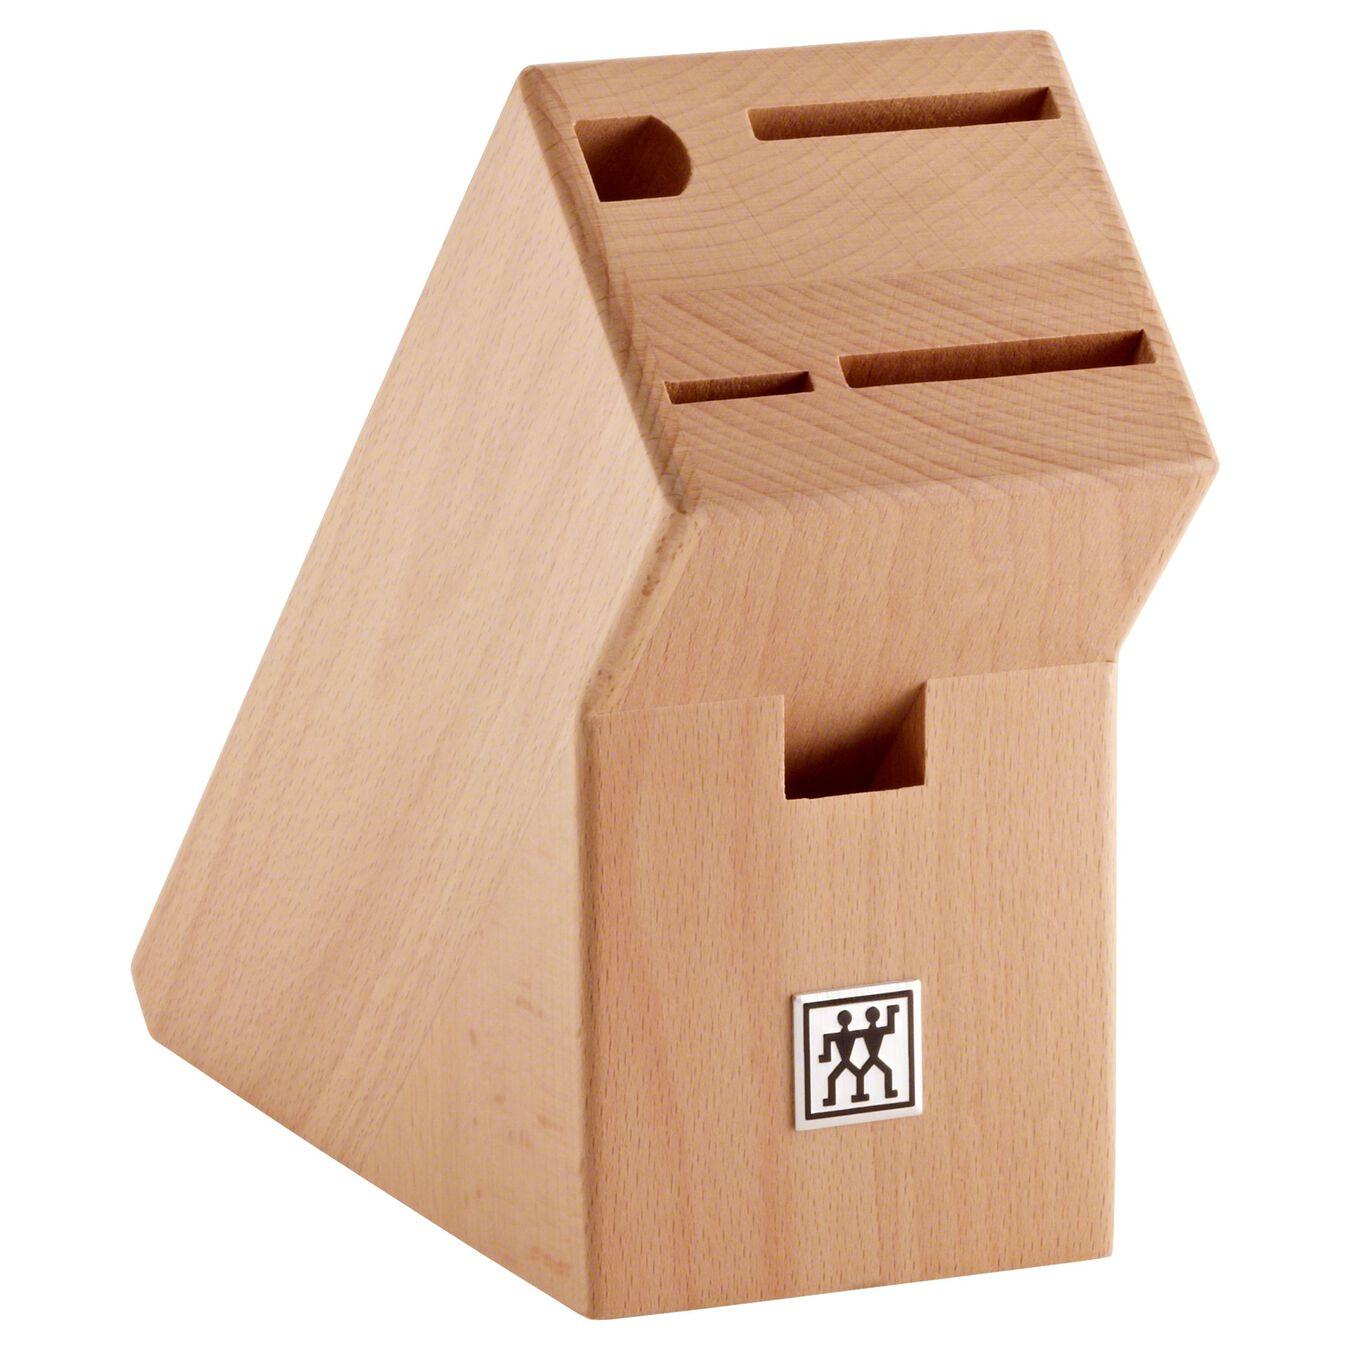 Blok Bıçak Seti | Paslanmaz Çelik | 6-parça,,large 3